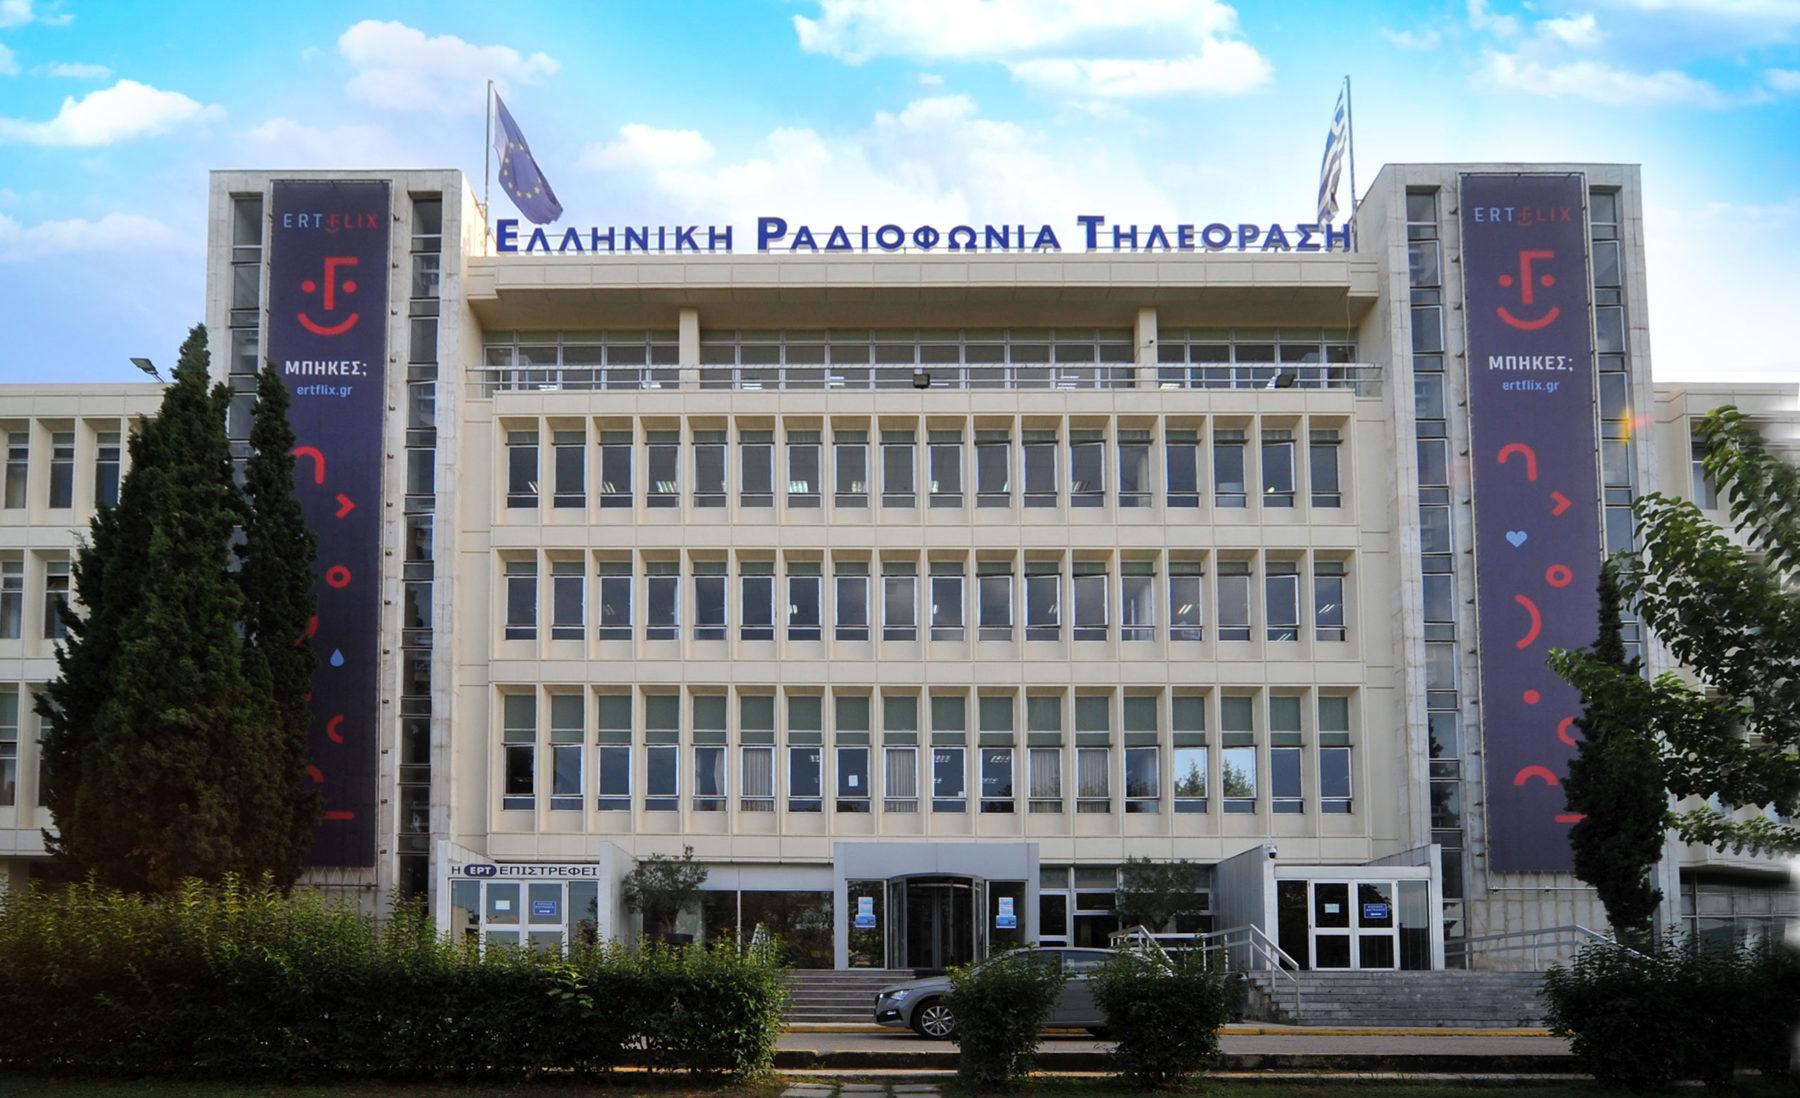 Σε χώρο αναψυχής για τους κατοίκους των δυτικών προαστίων μετατρέπεται το Πάρκο Ραδιοφωνίας της ΕΡΤ στο Ίλιον